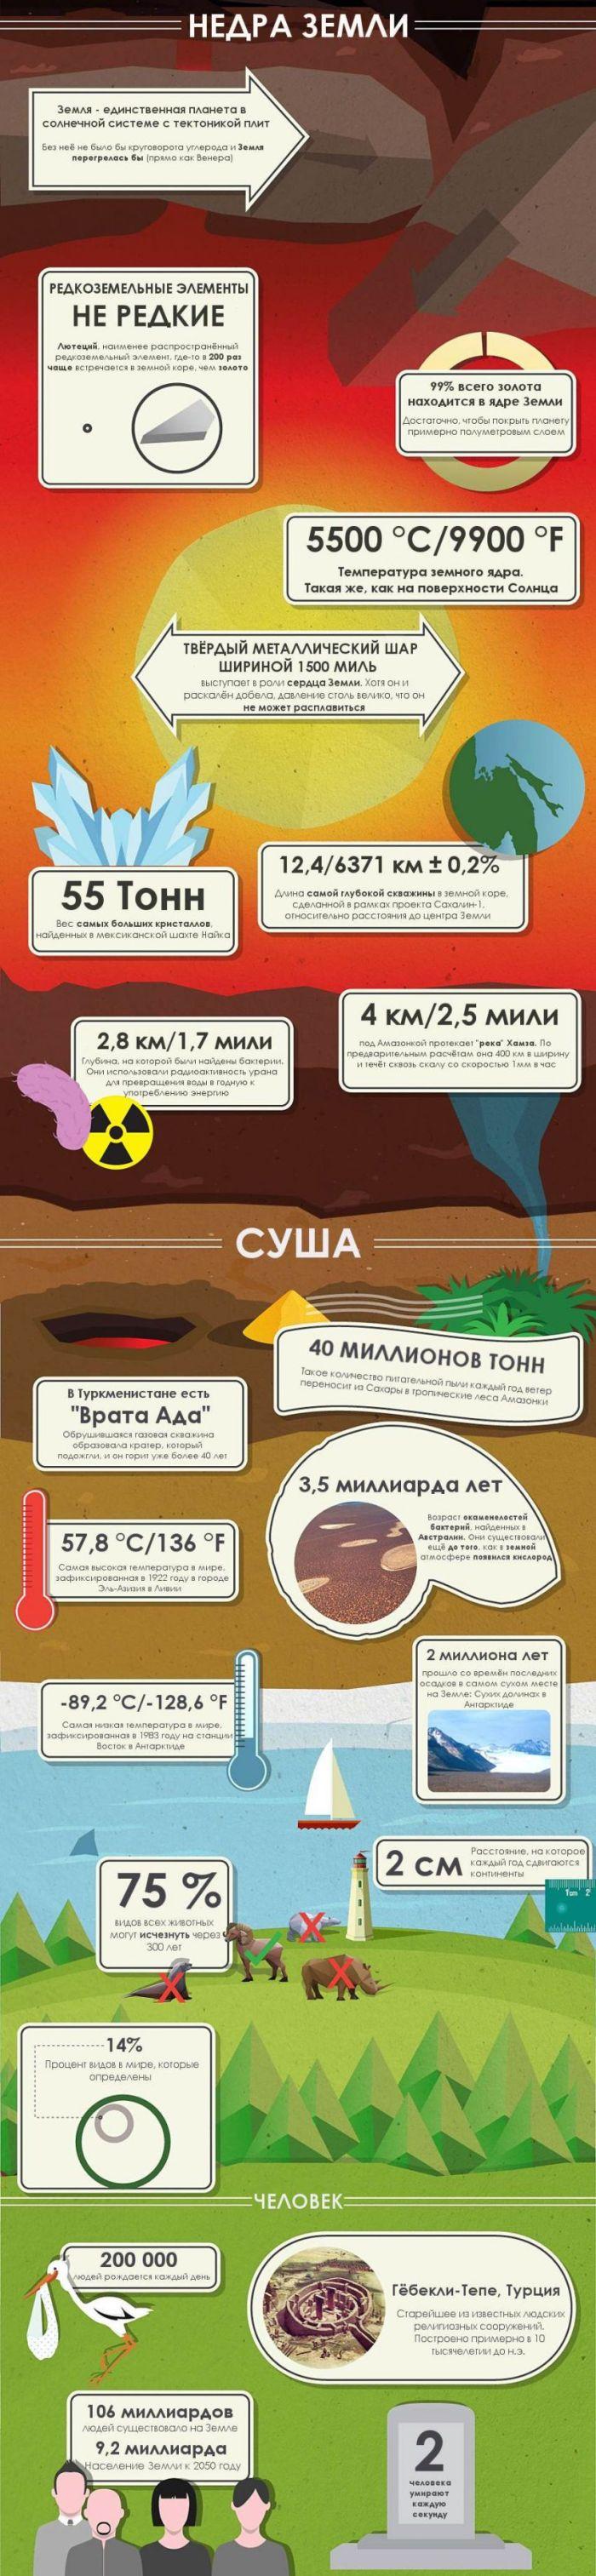 50 познавательных фактов о нашей планете (3 фото)